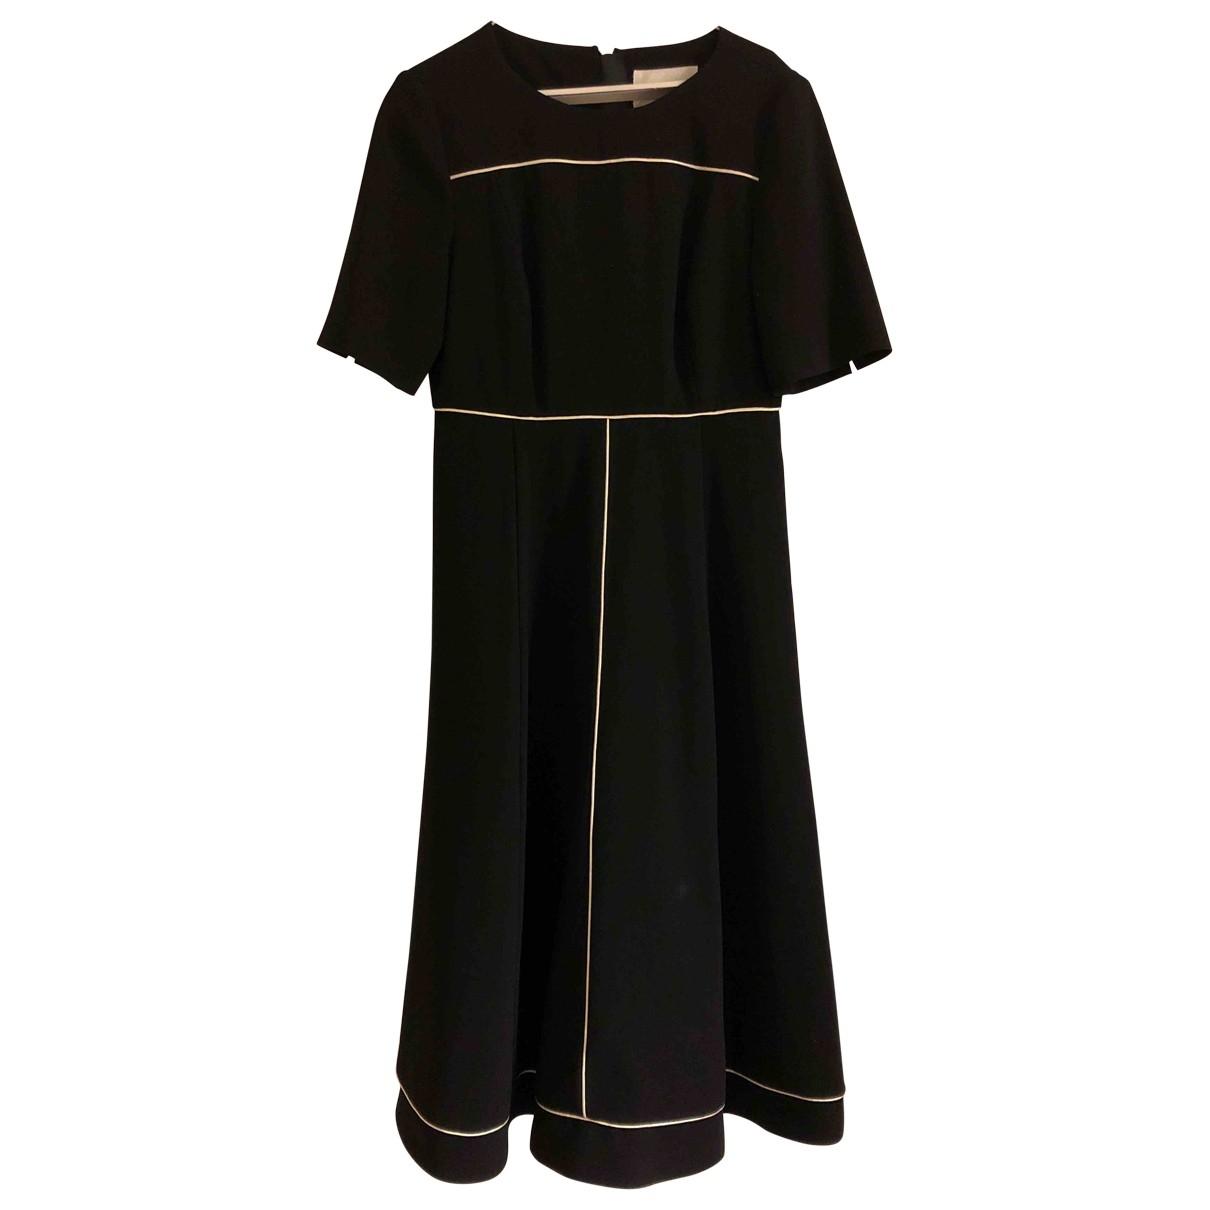 Lk Bennett \N Kleid in  Schwarz Polyester